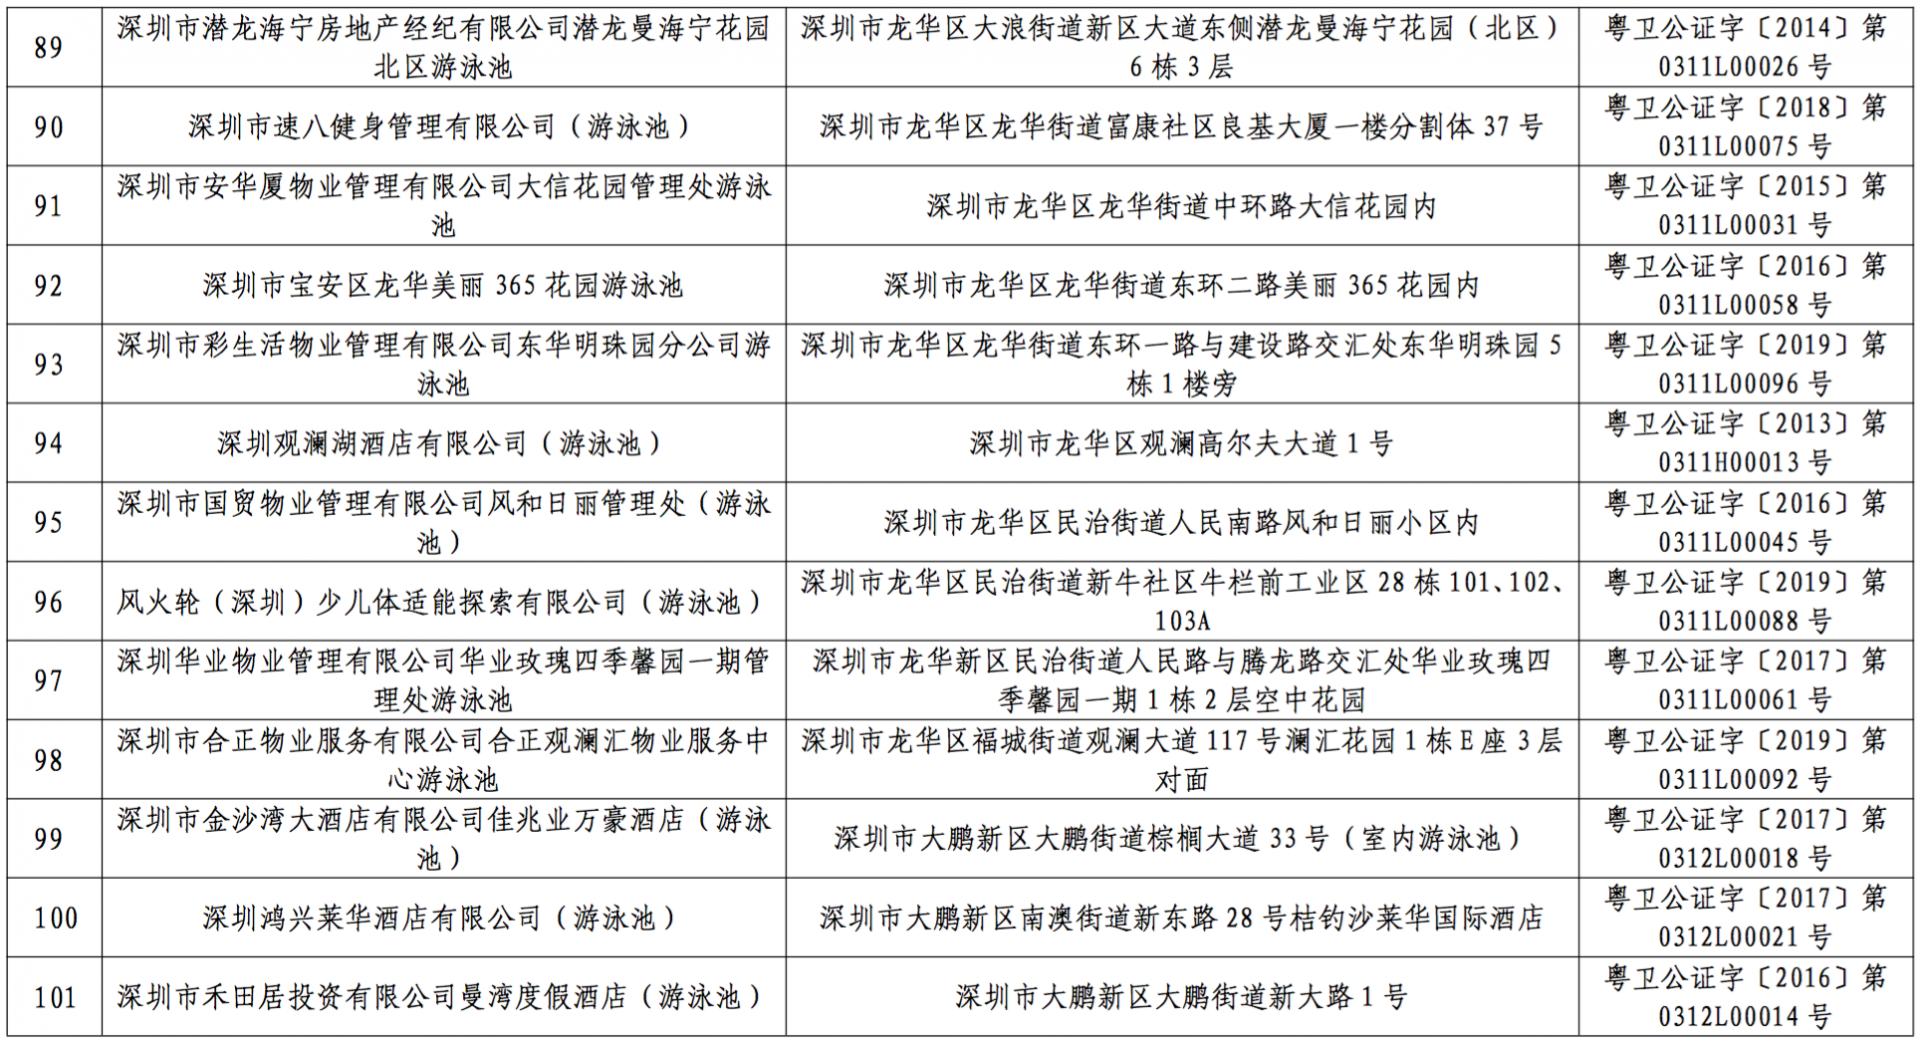 游泳去?深圳第一批游泳场所水质抽检结果:这2家不合格